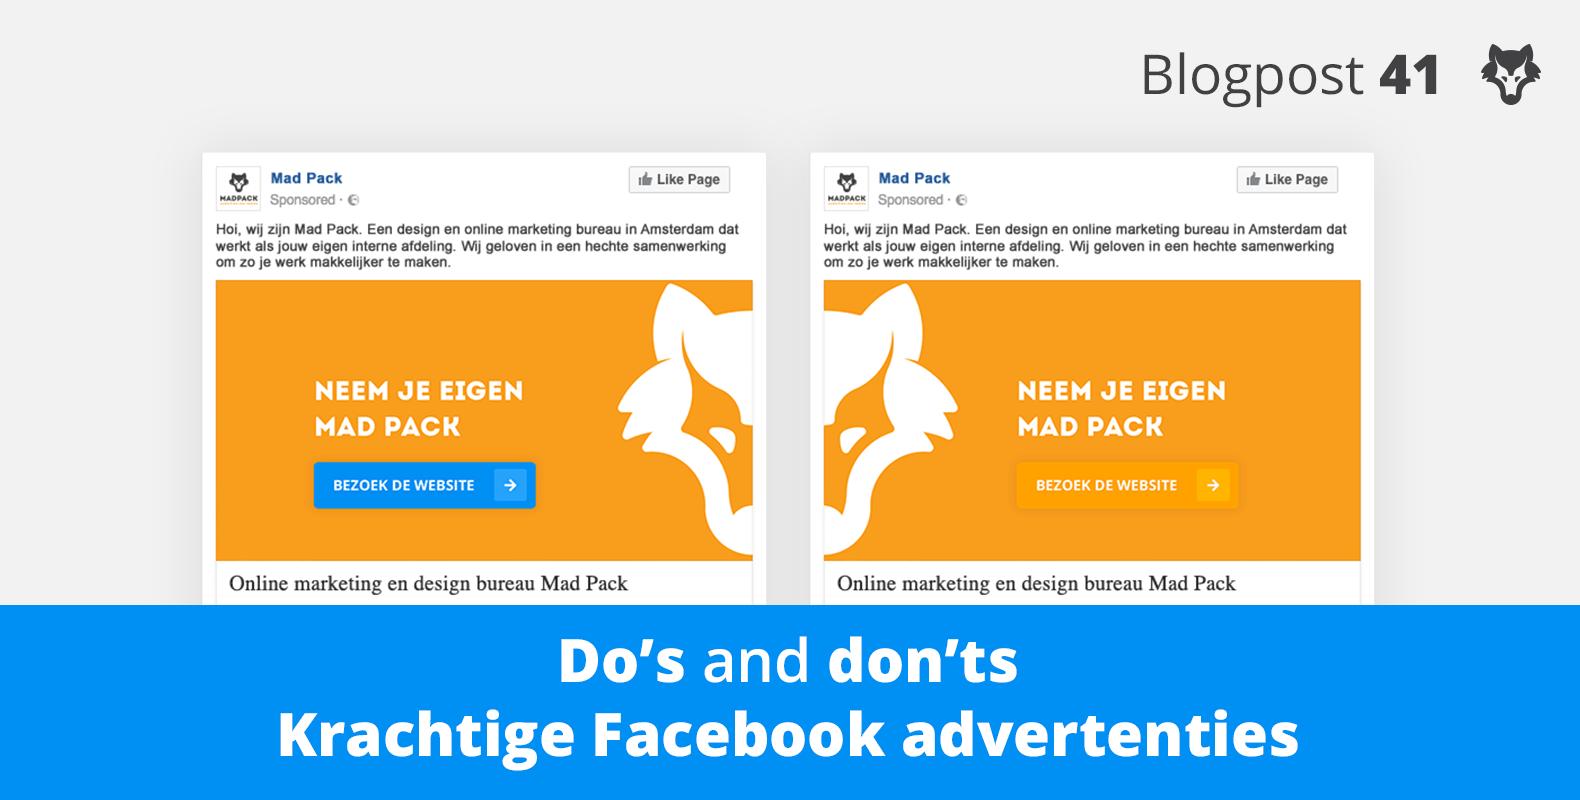 De do's and dont's bij het ontwerpen van krachtige Facebook advertenties